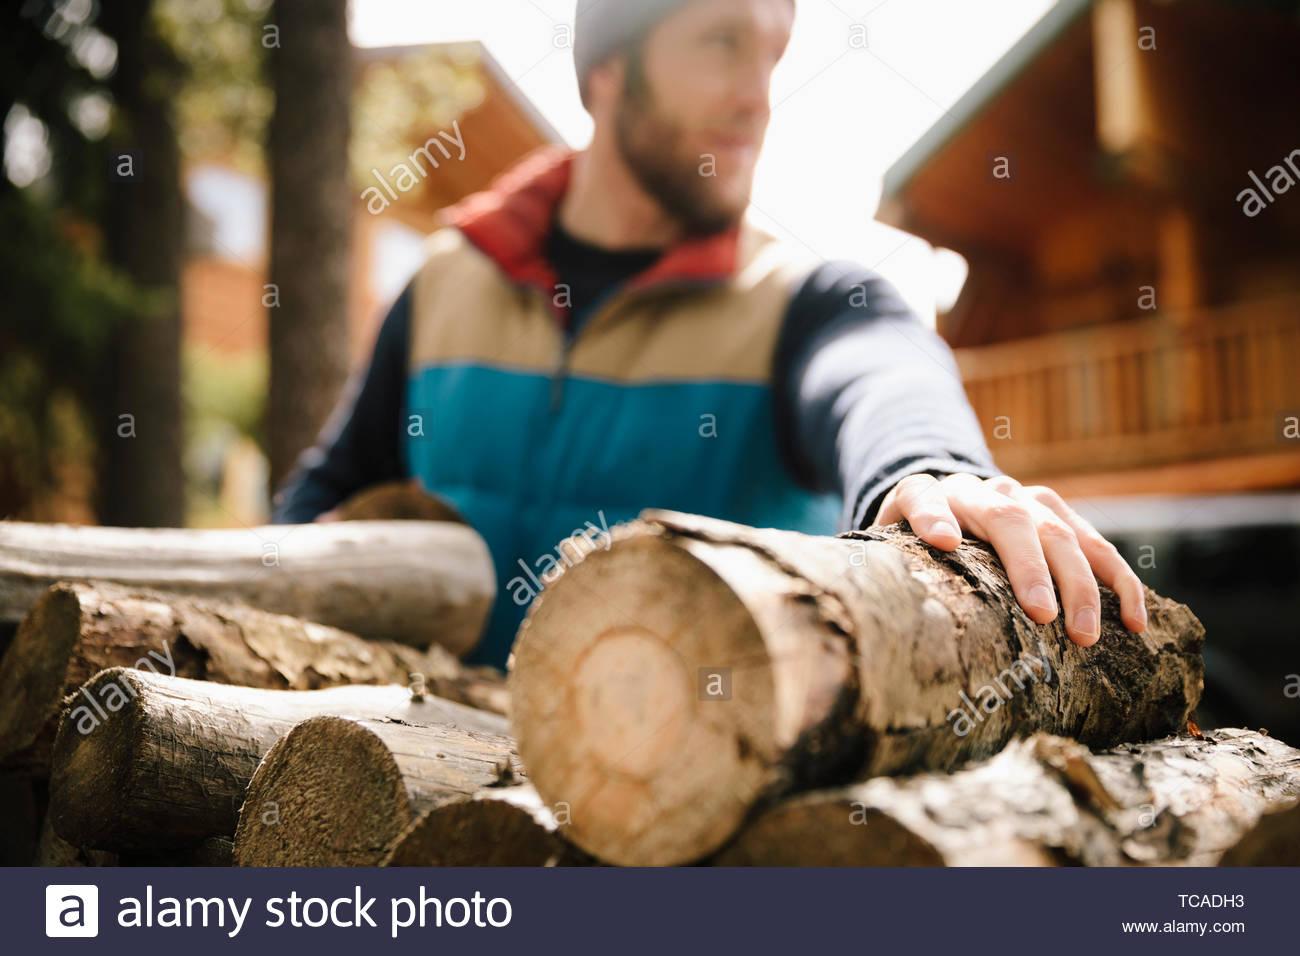 Man stacking firewood - Stock Image